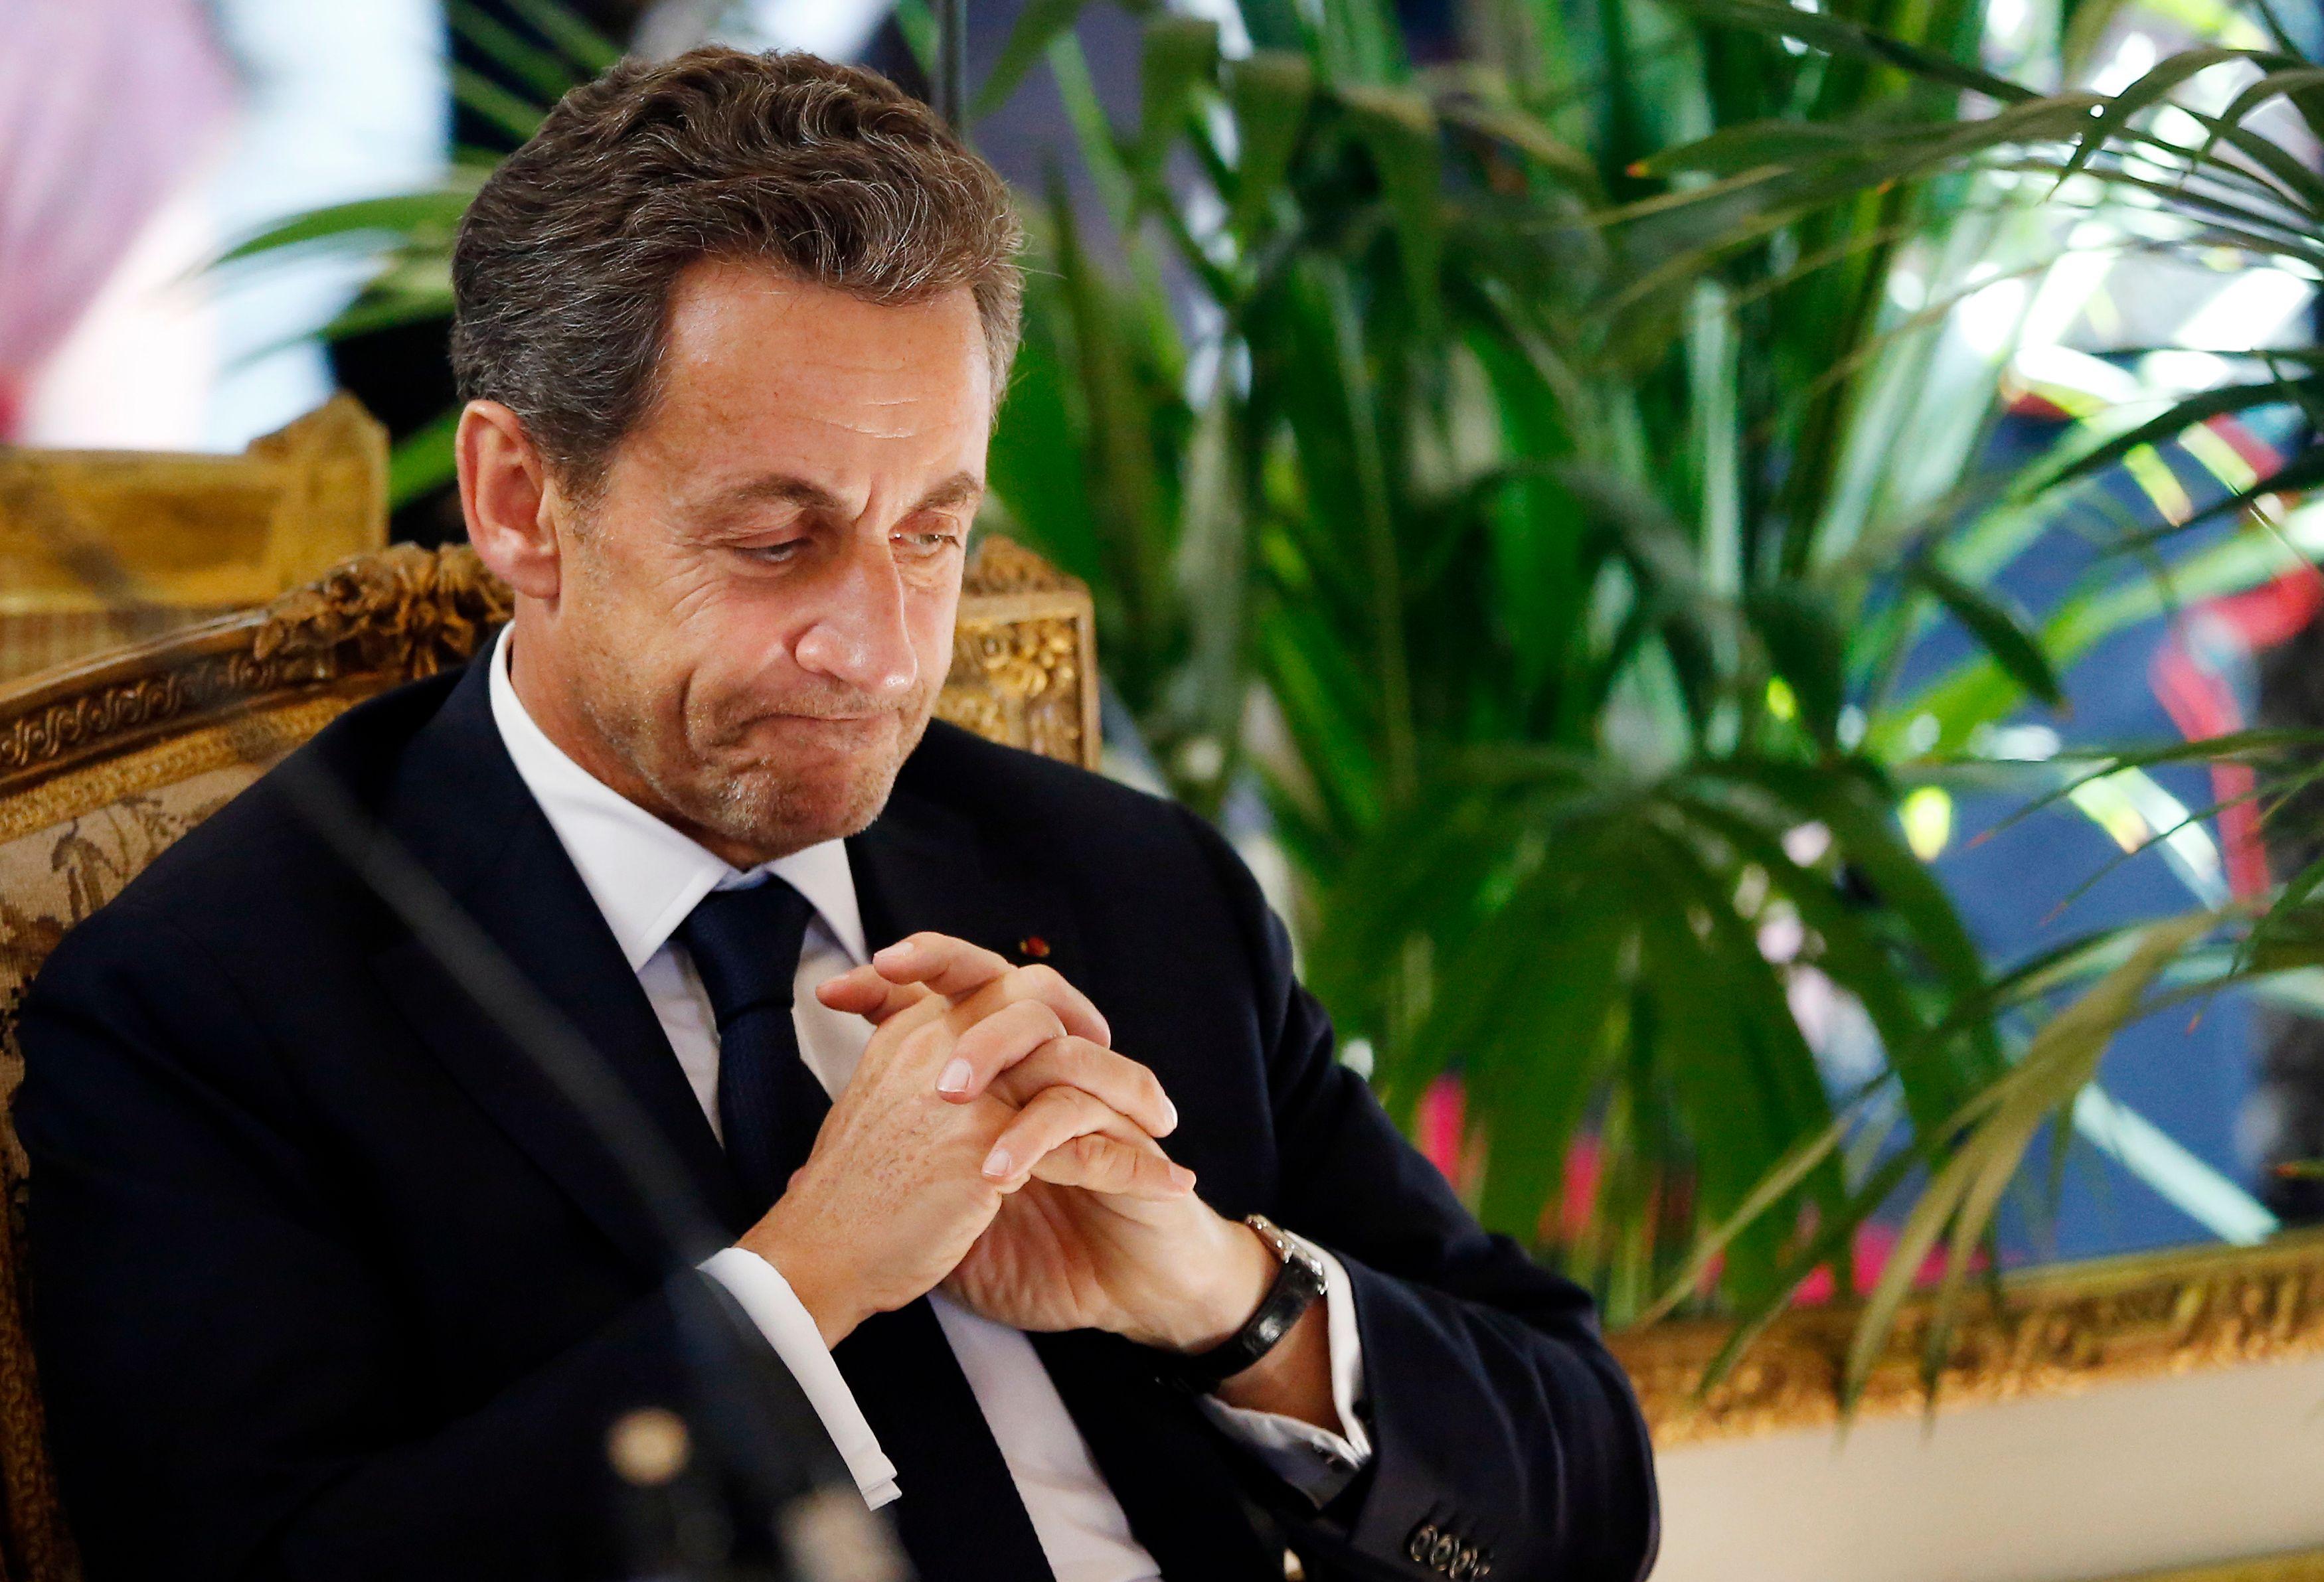 Droit d'inventaire et propositions d'avenir : l'offensive surprise de Nicolas Sarkozy en librairie qui booste l'optimisme de ses proches